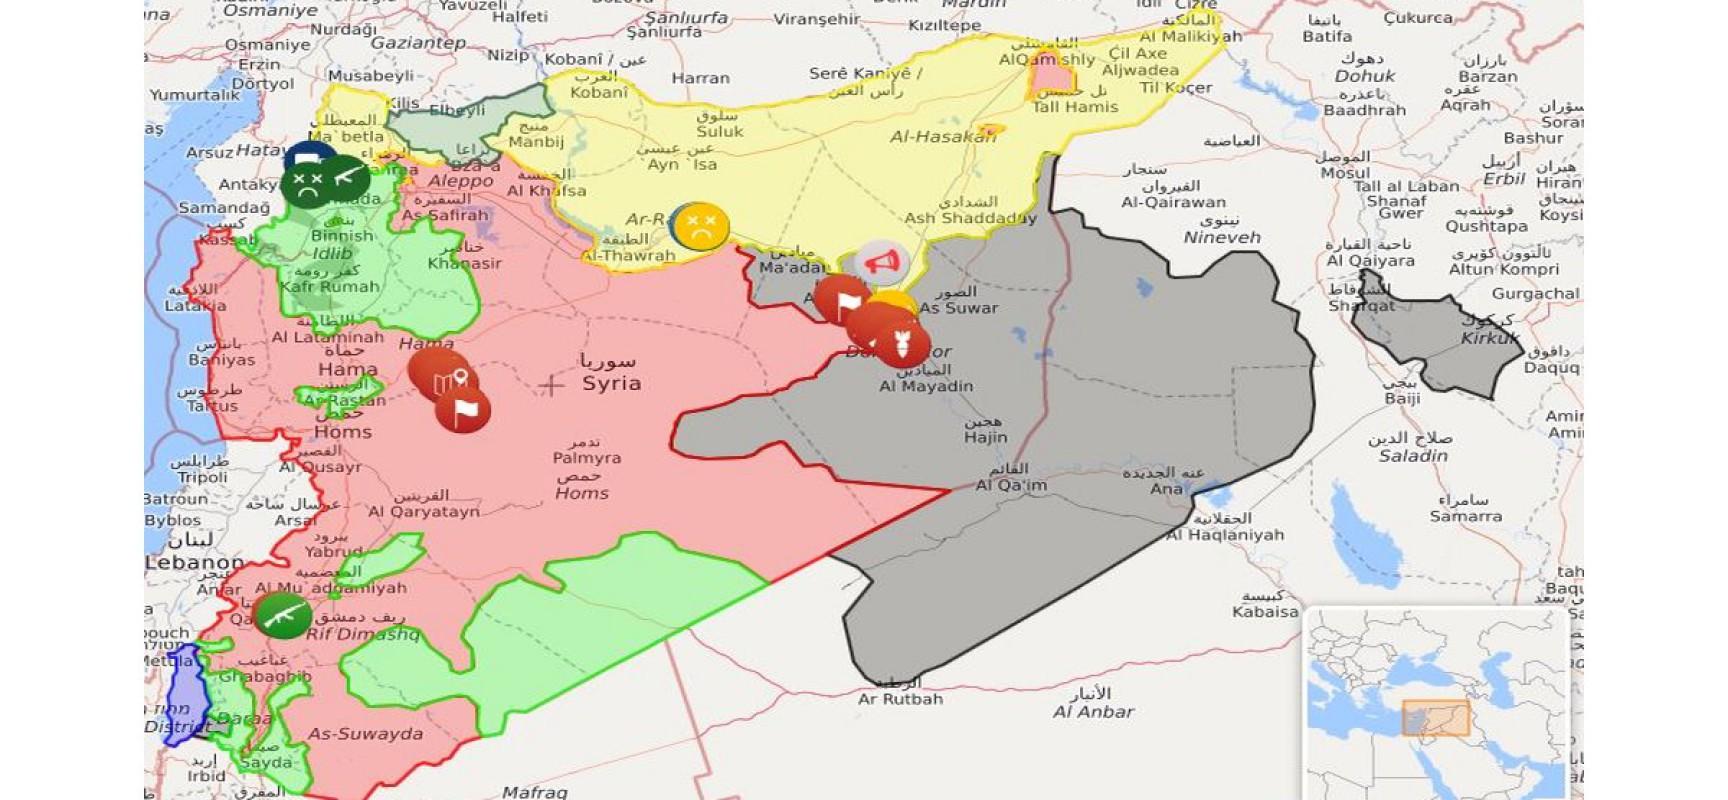 la guerre de syrie  Syrie-3-20170916-1728x800_c